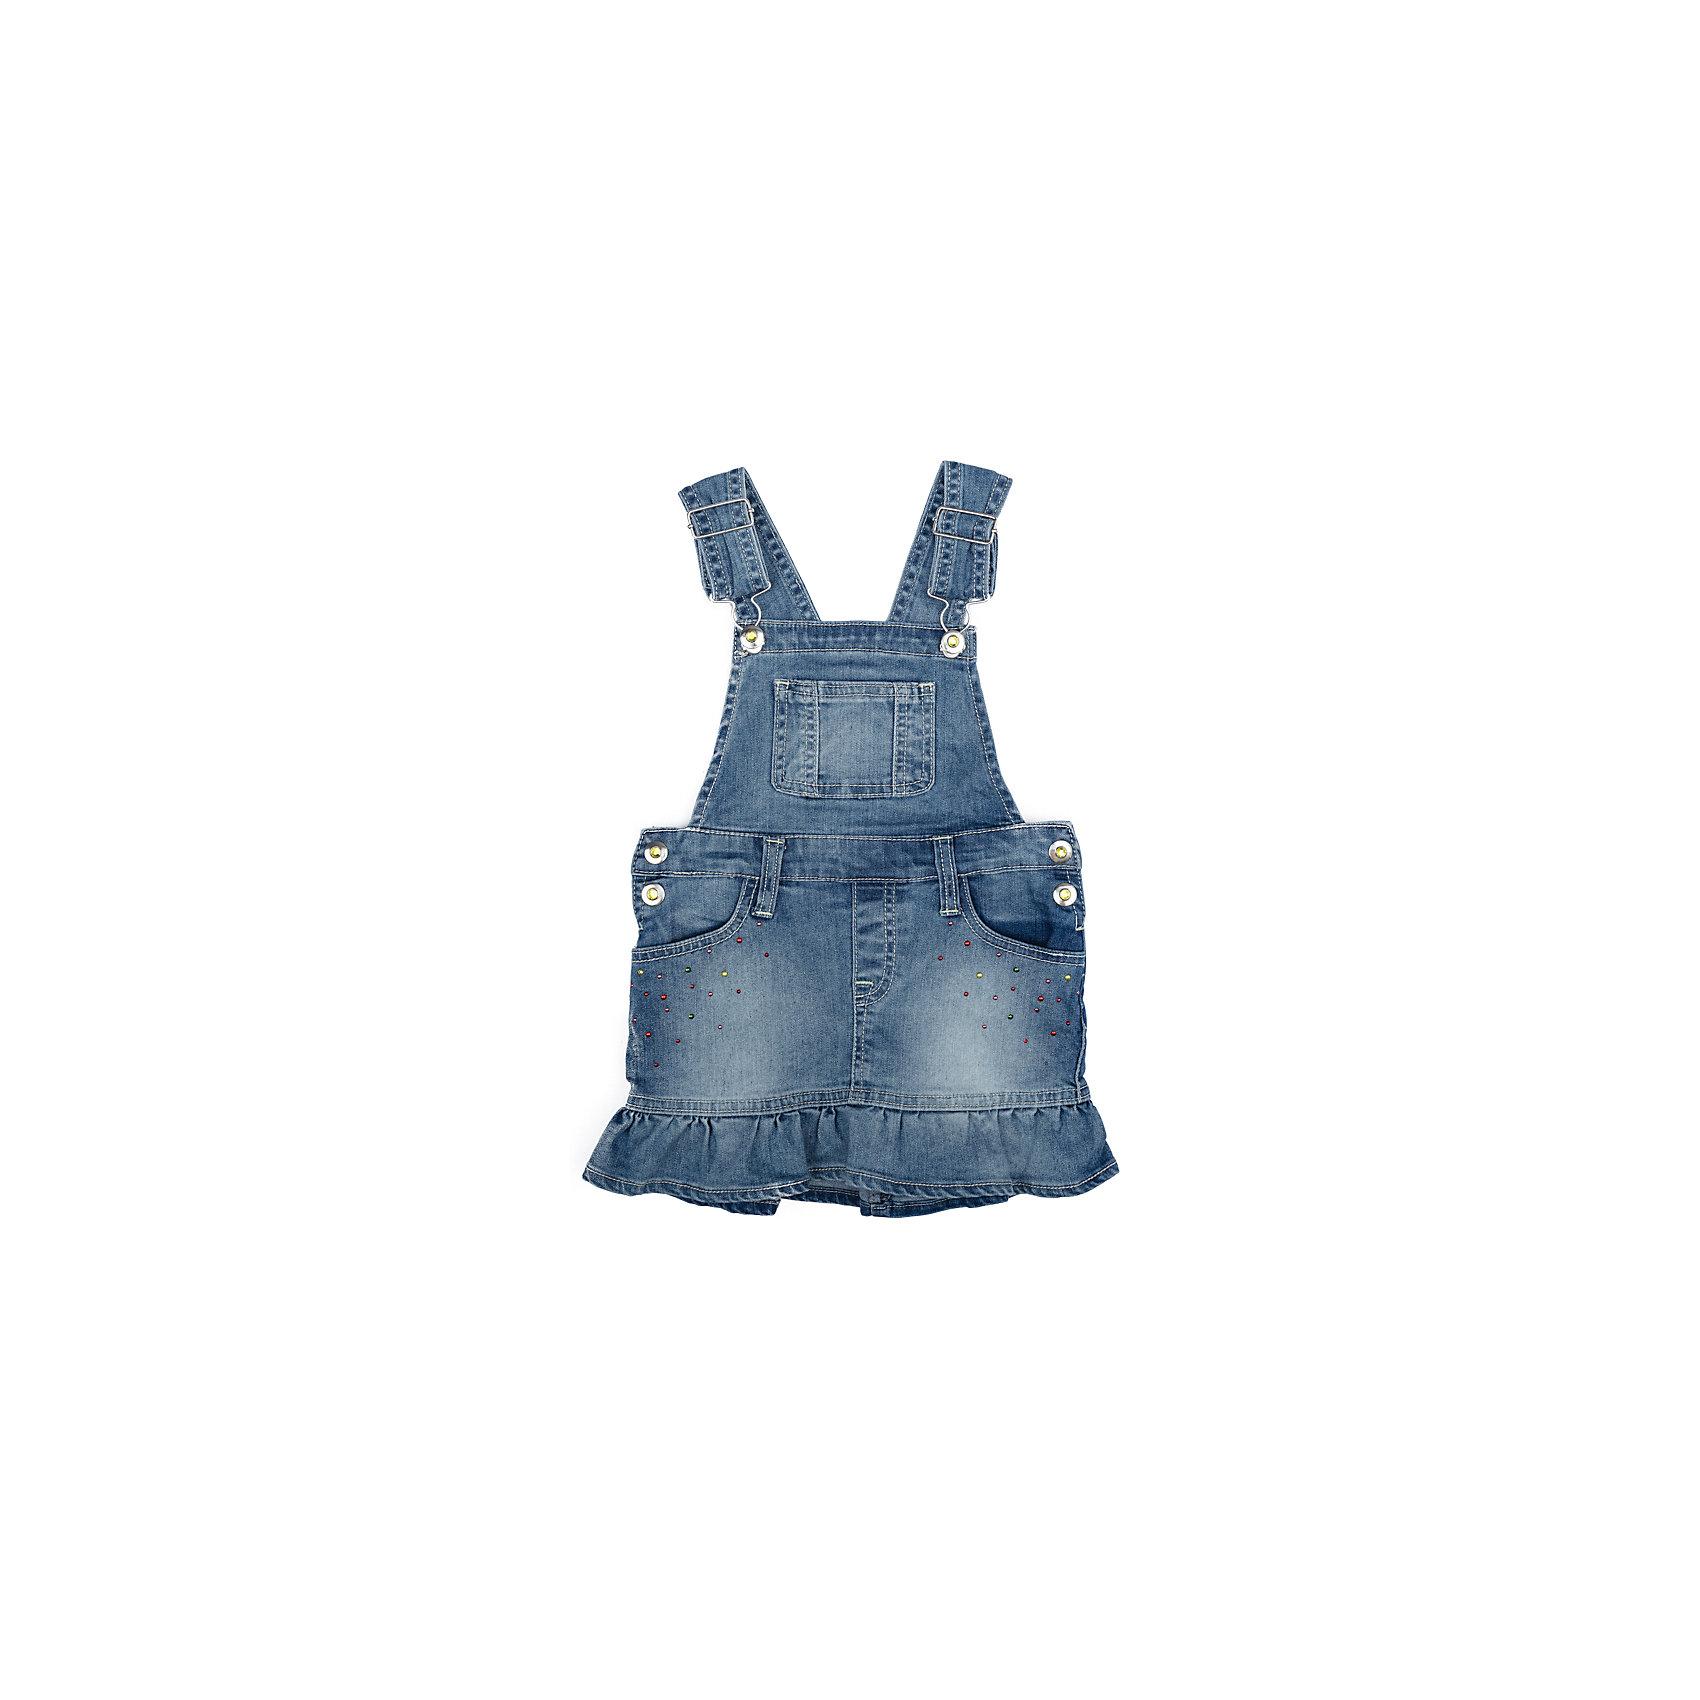 Сарафан джинсовый для девочки PlayTodayДжинсовая одежда<br>Характеристики товара:<br><br>• цвет: синий<br>• состав: 78% хлопок, 20% полиэстер, 2% эластан<br>• регулируемые лямки<br>• дышащий материал<br>• стразы<br>• эффект потертостей<br>• комфортная посадка<br>• коллекция: весна-лето 2017<br>• страна бренда: Германия<br>• страна производства: Китай<br><br>Популярный бренд PlayToday выпустил новую коллекцию! Вещи из неё продолжают радовать покупателей удобством, стильным дизайном и продуманным кроем. Дети носят их с удовольствием. PlayToday - это линейка товаров, созданная специально для детей. Дизайнеры учитывают новые веяния моды и потребности детей. Порадуйте ребенка обновкой от проверенного производителя!<br>Такая стильная модель обеспечит ребенку комфорт благодаря качественному материалу и продуманному крою. С помощью неё можно удобно одеться по погоде. Очень модная вещь! Выглядит нарядно и аккуратно.<br><br>Сарафан для девочки от известного бренда PlayToday можно купить в нашем интернет-магазине.<br><br>Ширина мм: 236<br>Глубина мм: 16<br>Высота мм: 184<br>Вес г: 177<br>Цвет: голубой<br>Возраст от месяцев: 84<br>Возраст до месяцев: 96<br>Пол: Женский<br>Возраст: Детский<br>Размер: 128,98,104,110,116,122<br>SKU: 5404403